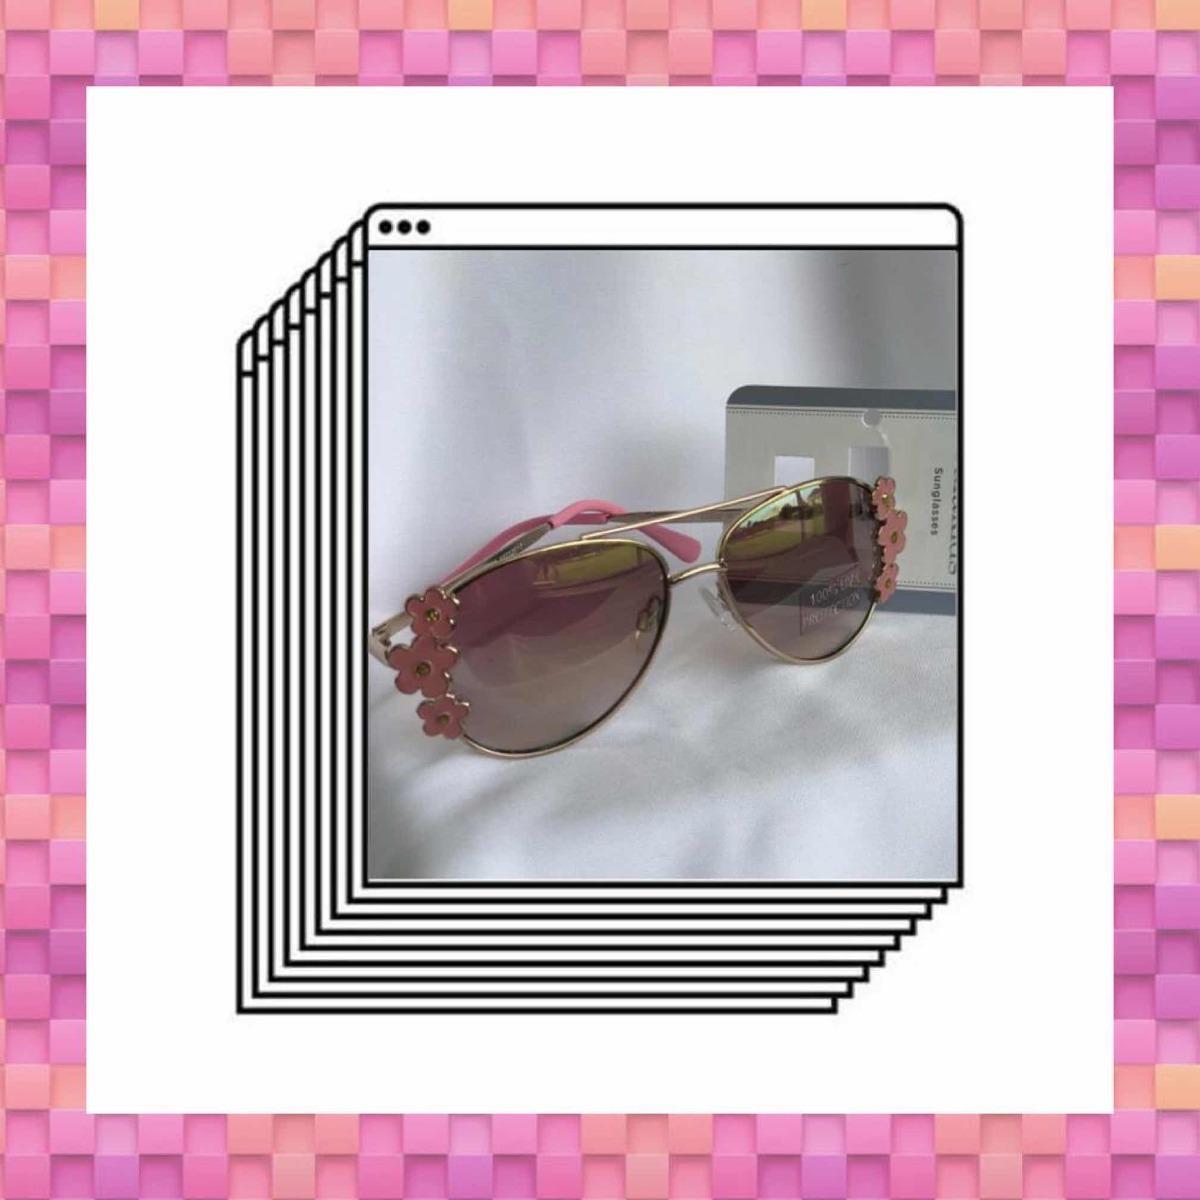 048f260e889 óculos koala baby kids proteção uv armação policarbonato. Carregando zoom.